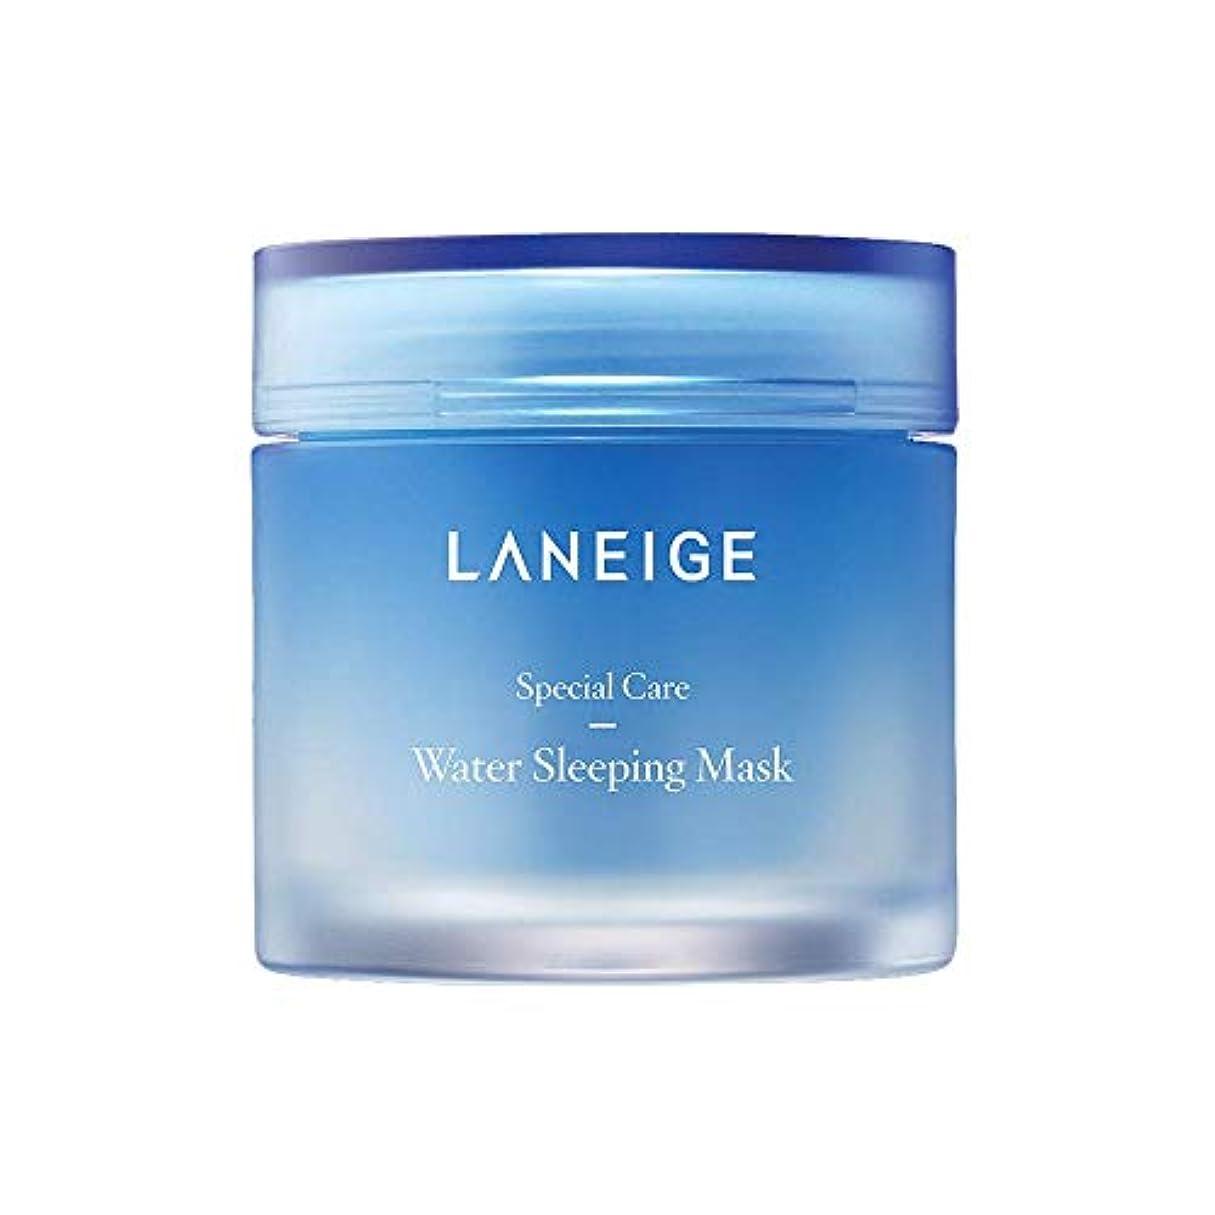 セラフ拮抗する裁判所Water Sleeping Mask 70ml/ウォーター スリーピング マスク 70ml [50個限定!人気商品のサンプルプレゼント!]